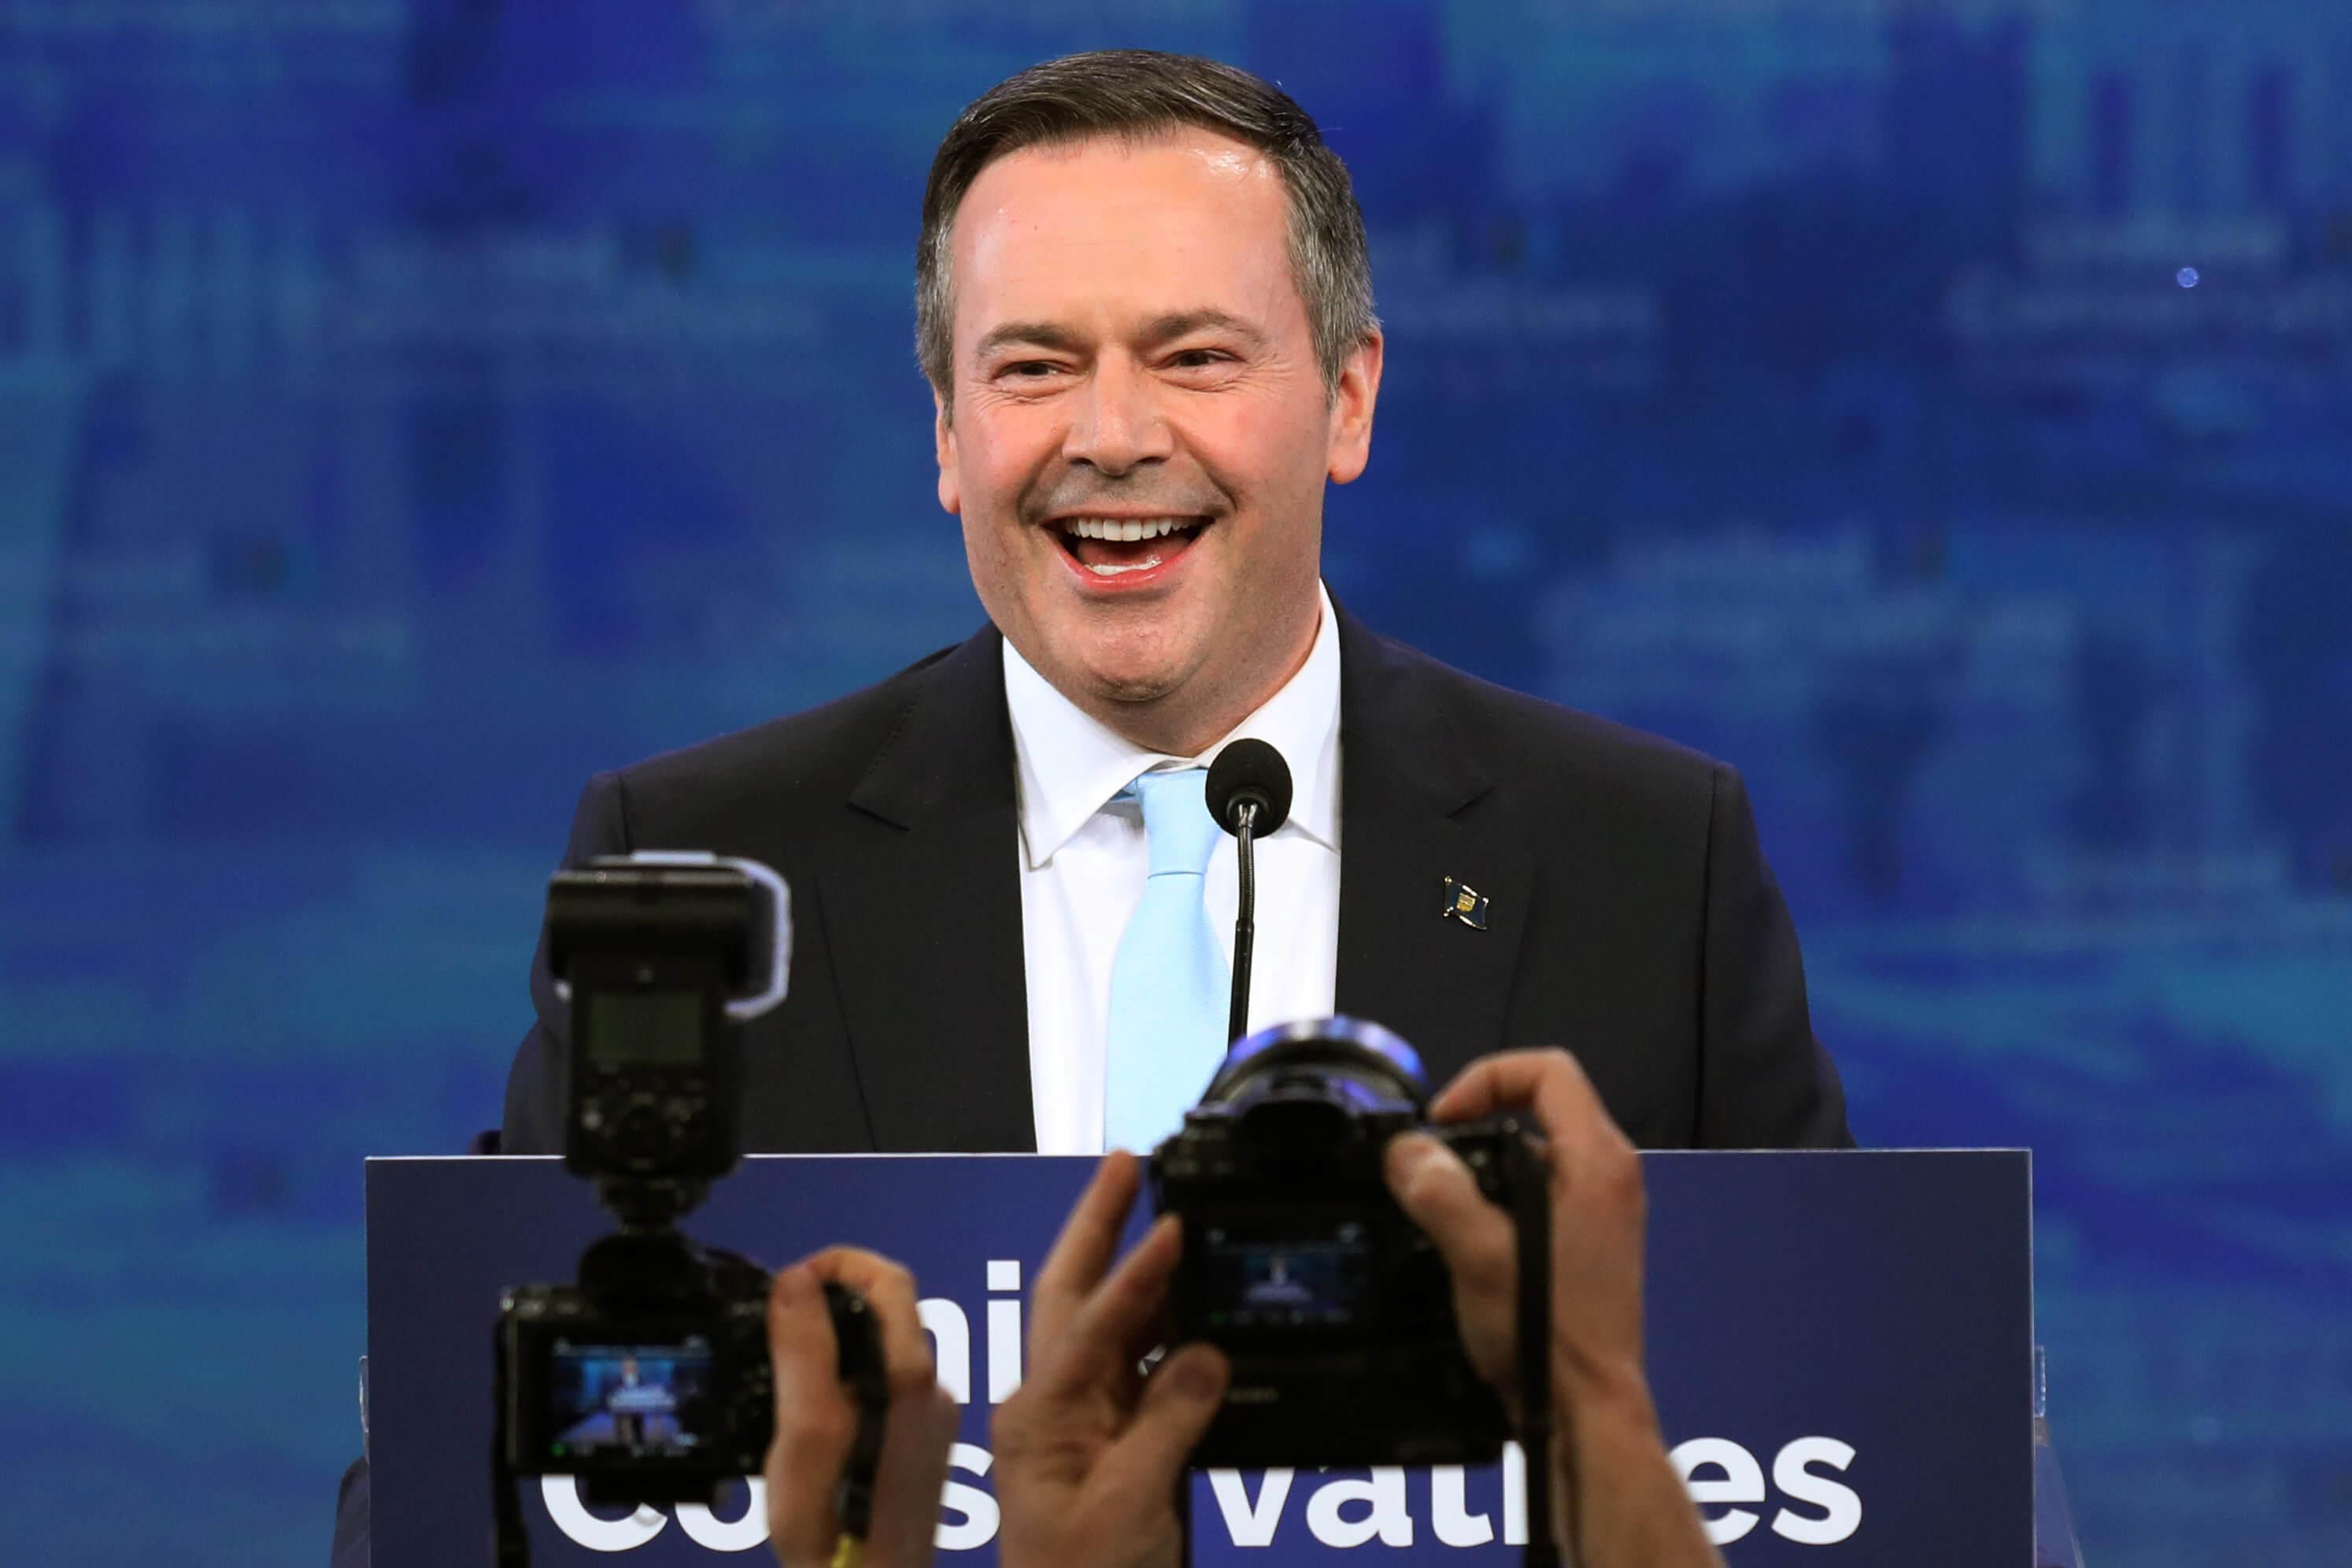 Υπέρμαχος της ενεργειακής βιομηχανίας ο νικητής σε τοπικές εκλογές στον Καναδά – Σίγουρη η σύγκρουση με Τριντό